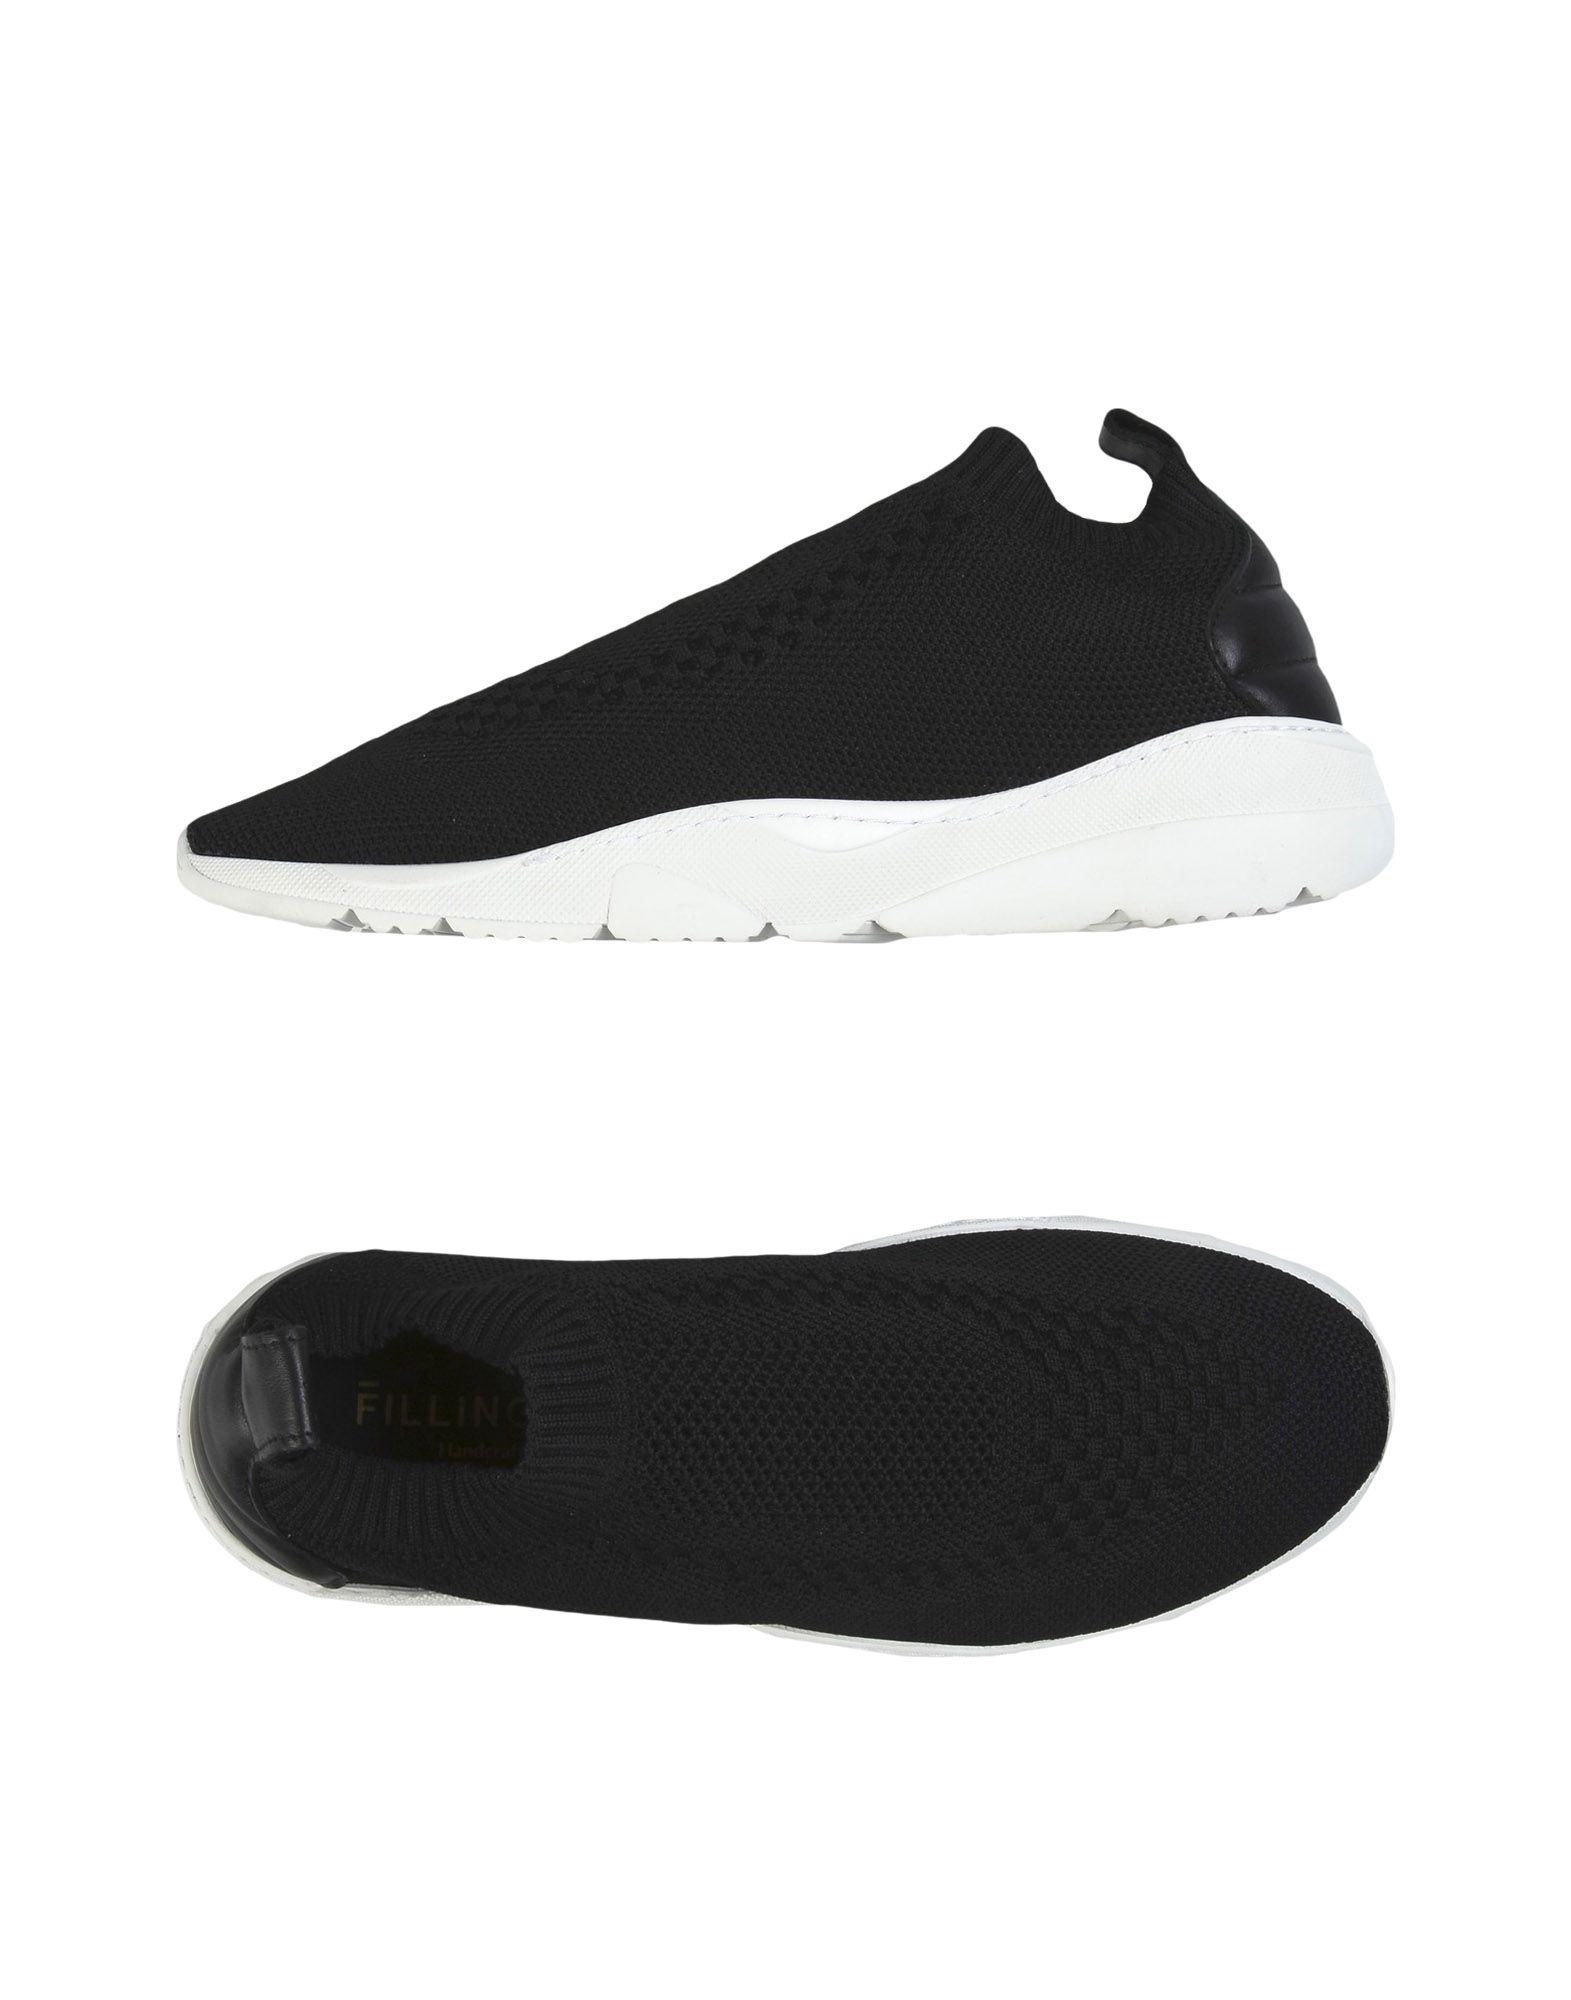 Filling Pieces Sac Runner Knit  11257051OD Gute Qualität beliebte Schuhe